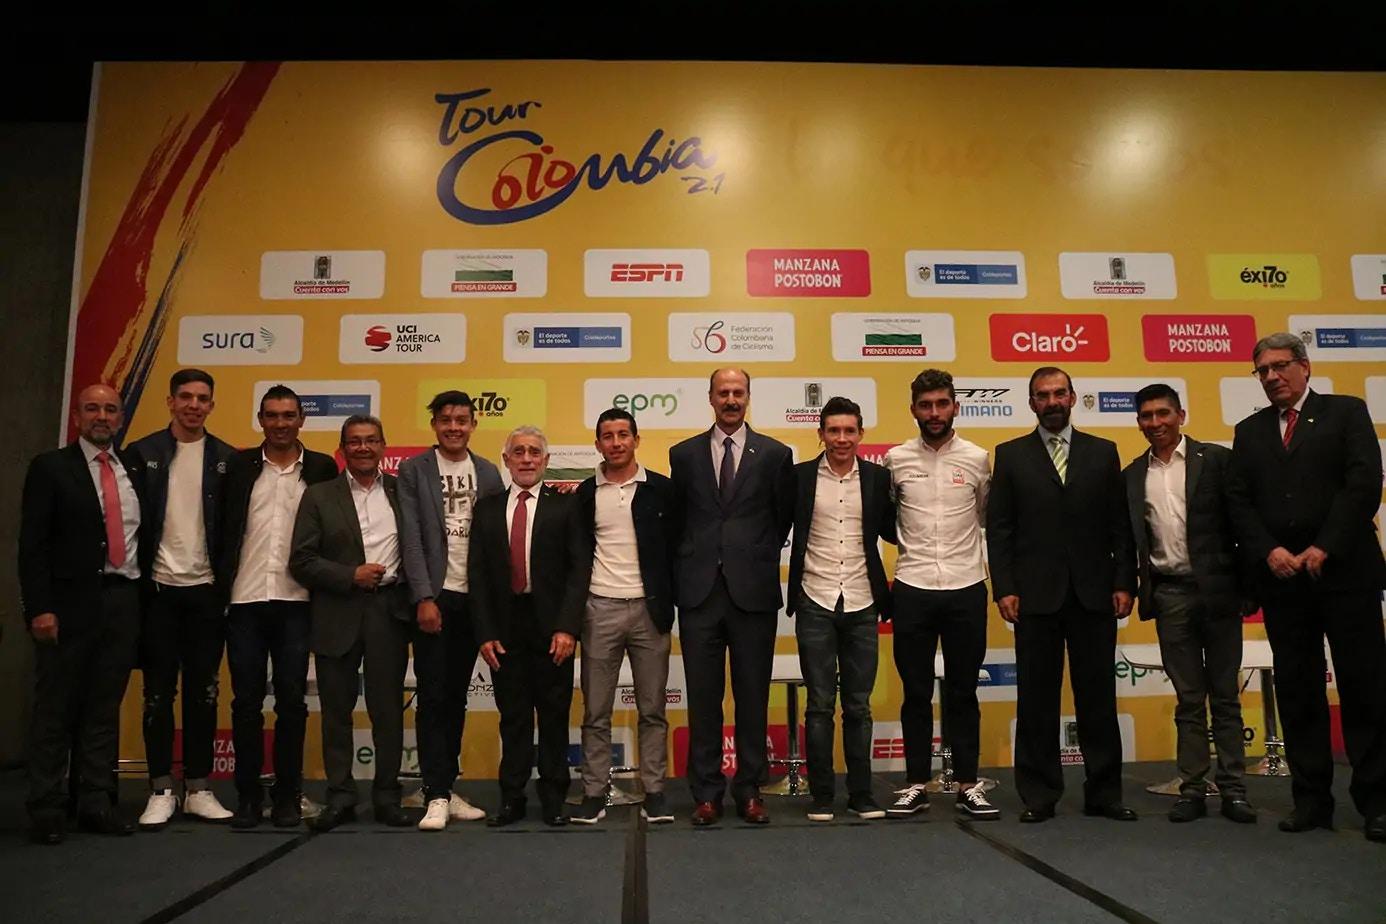 Los Escarabajos Inauguraron el Tour Colombia 2.1 en una Rueda de Prensa